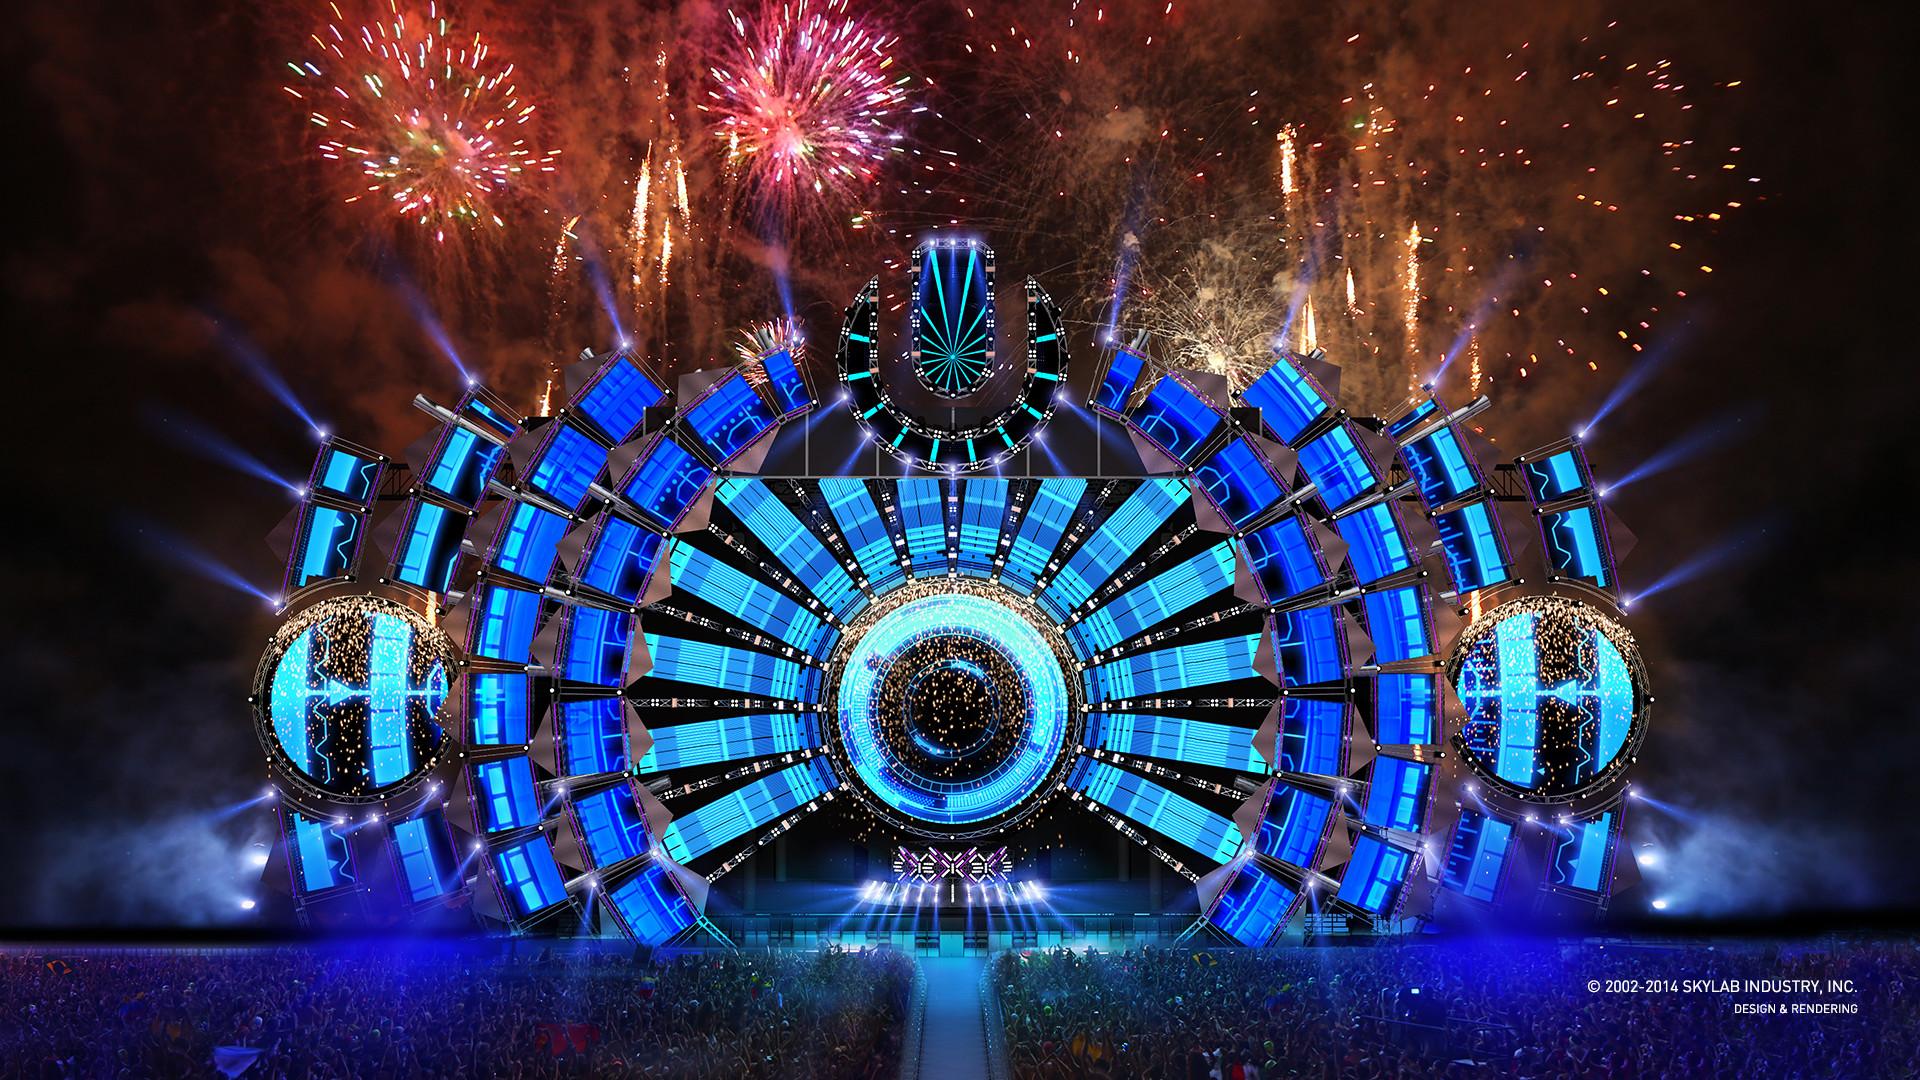 Ultra Music Festival Wallpaper Ultra music fe…